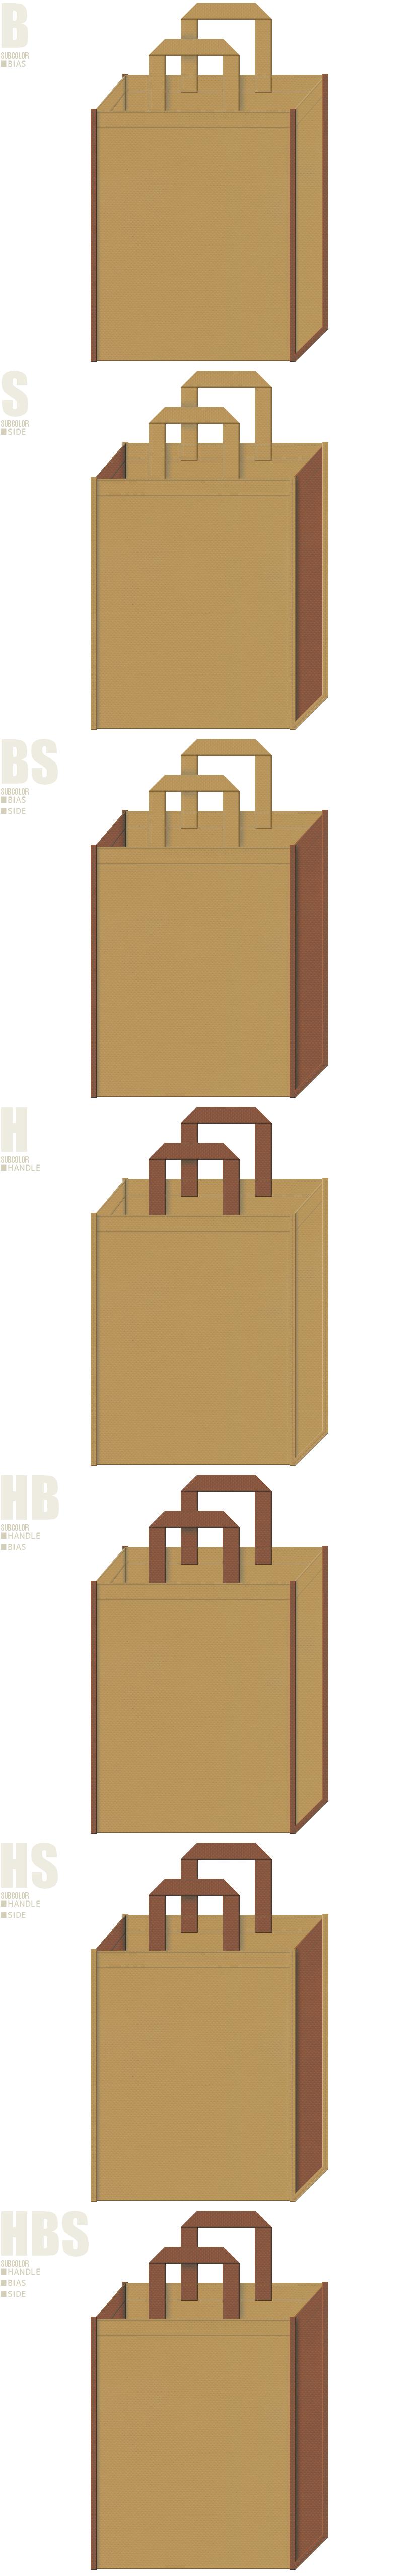 金色系黄土色と茶色、7パターンの不織布トートバッグ配色デザイン例。化石・原始時代・マンモスイメージの不織布バッグにお奨めです。